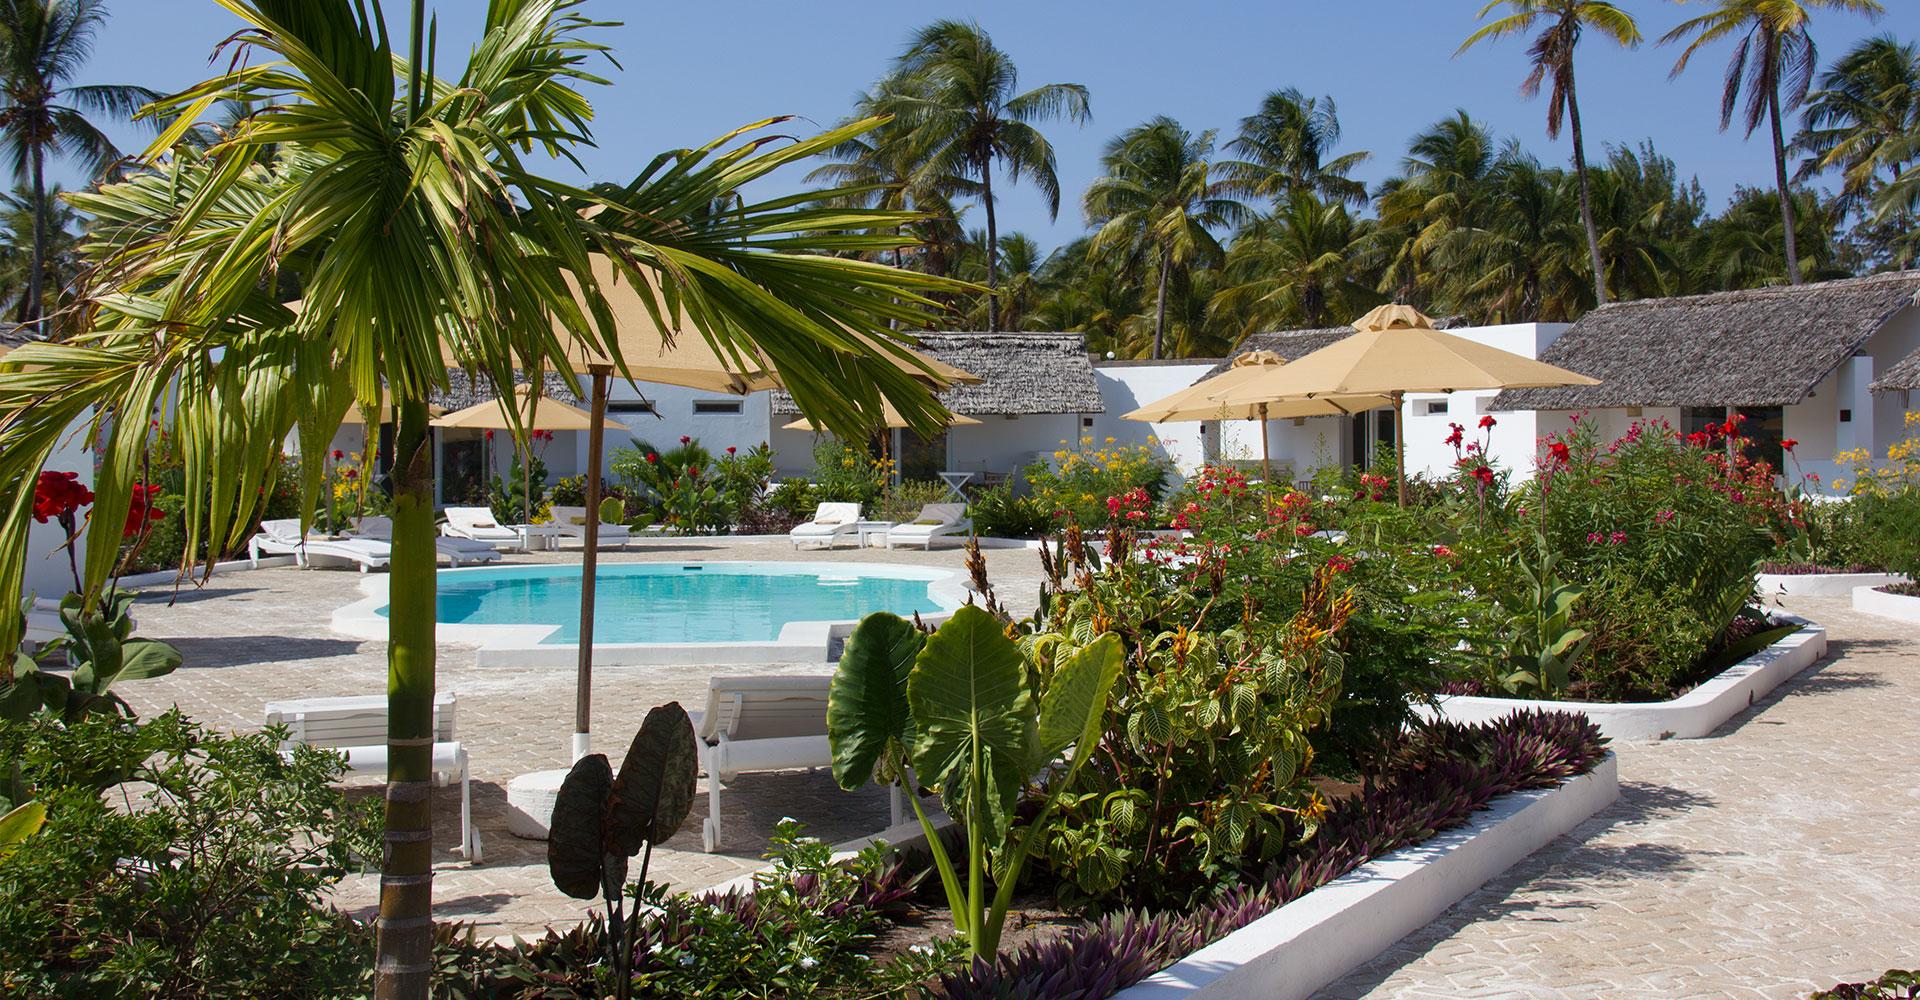 Dhow inn hotel paje zanzibar beach resort for Hotels zanzibar